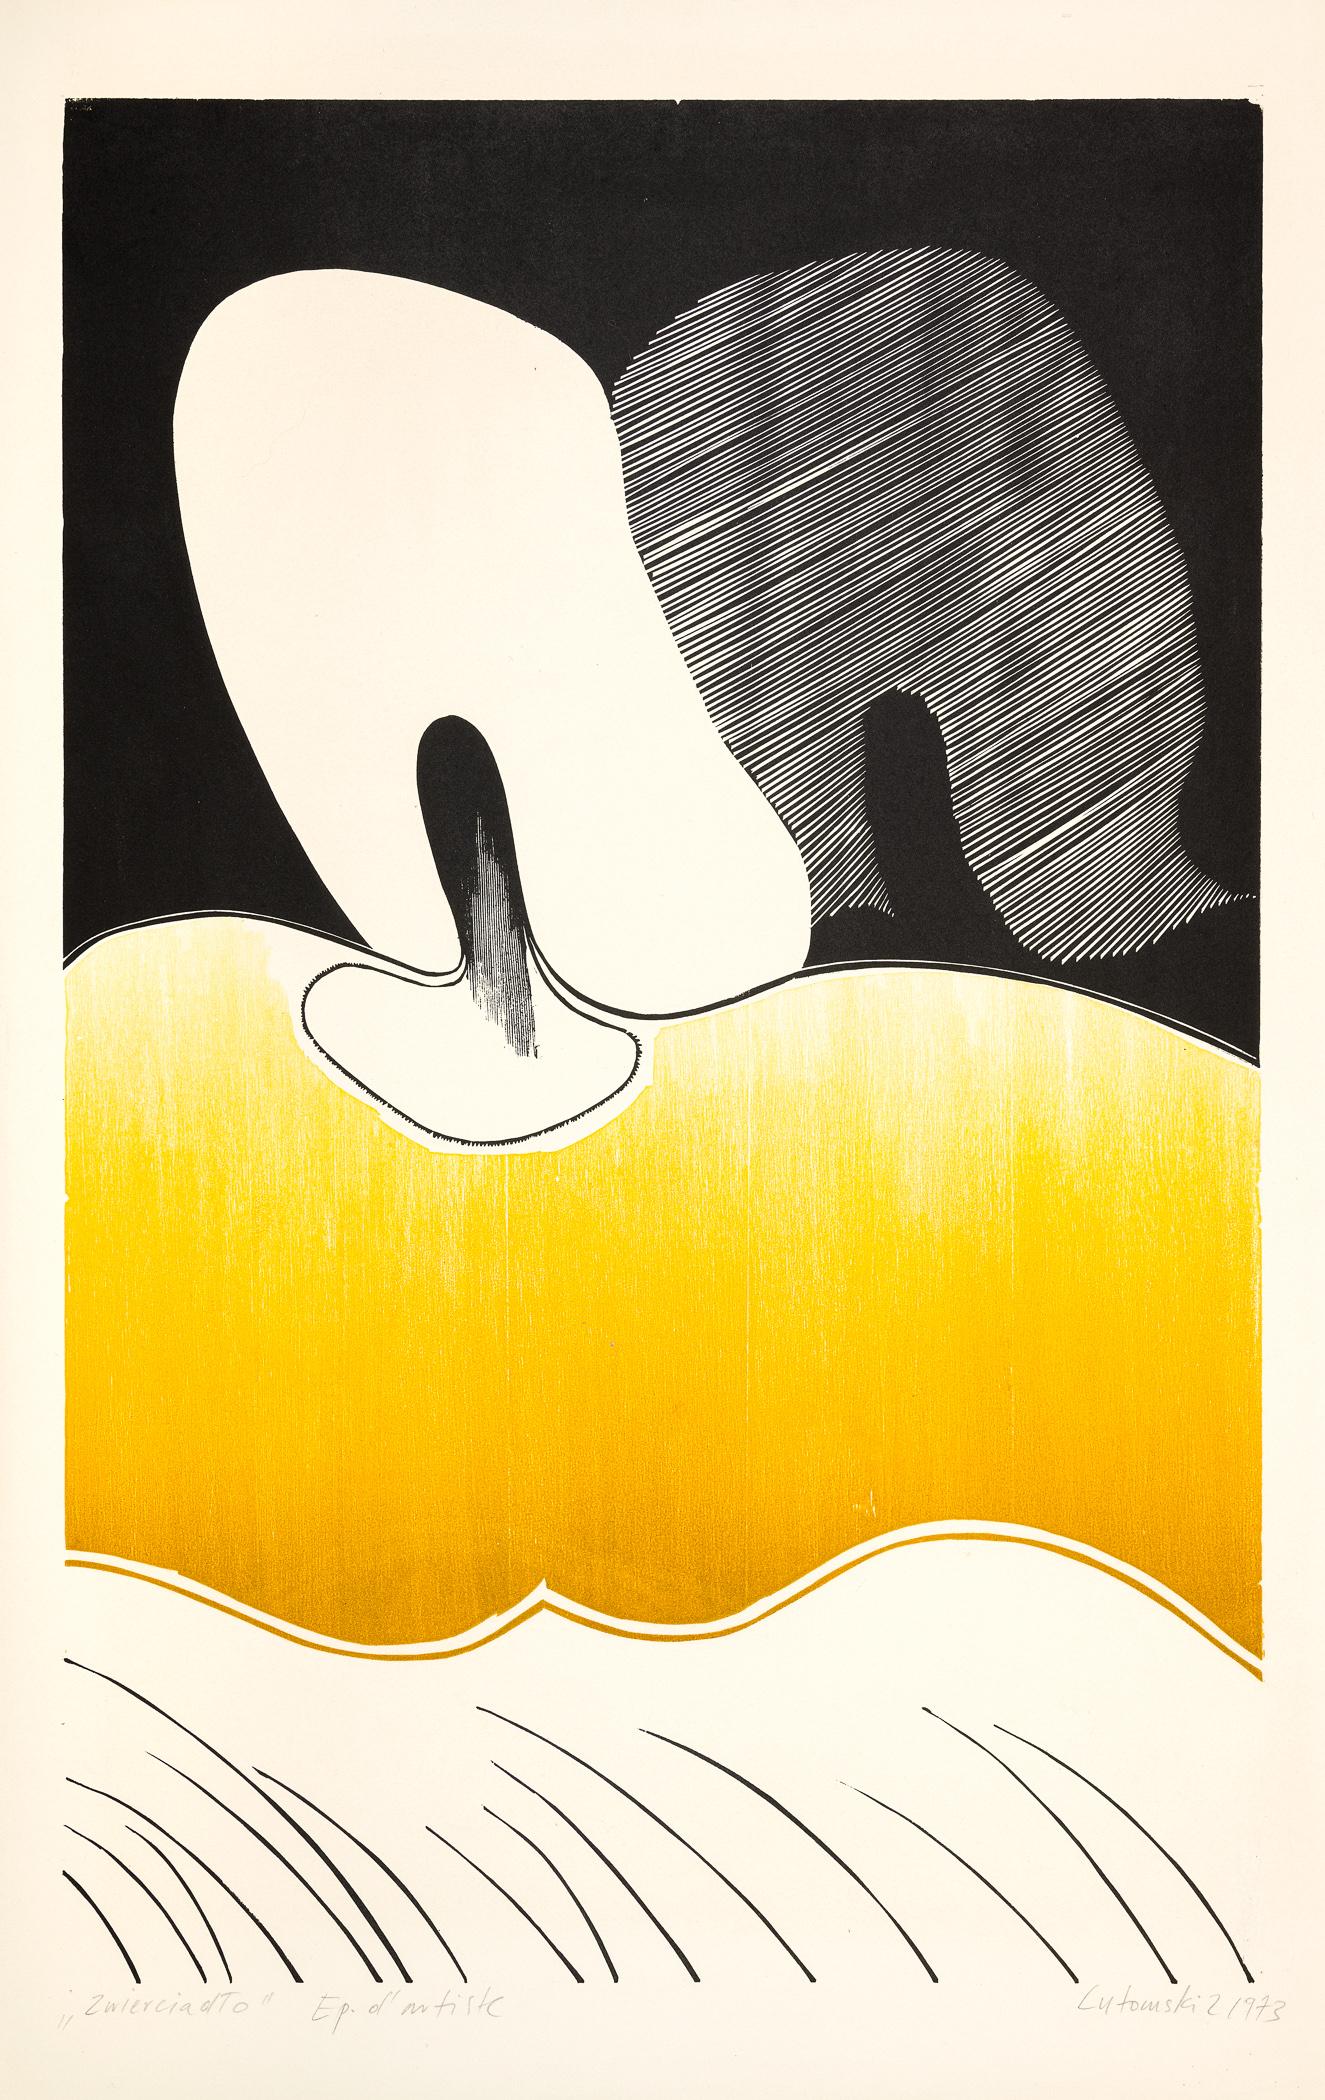 Zwierciadło, 1973